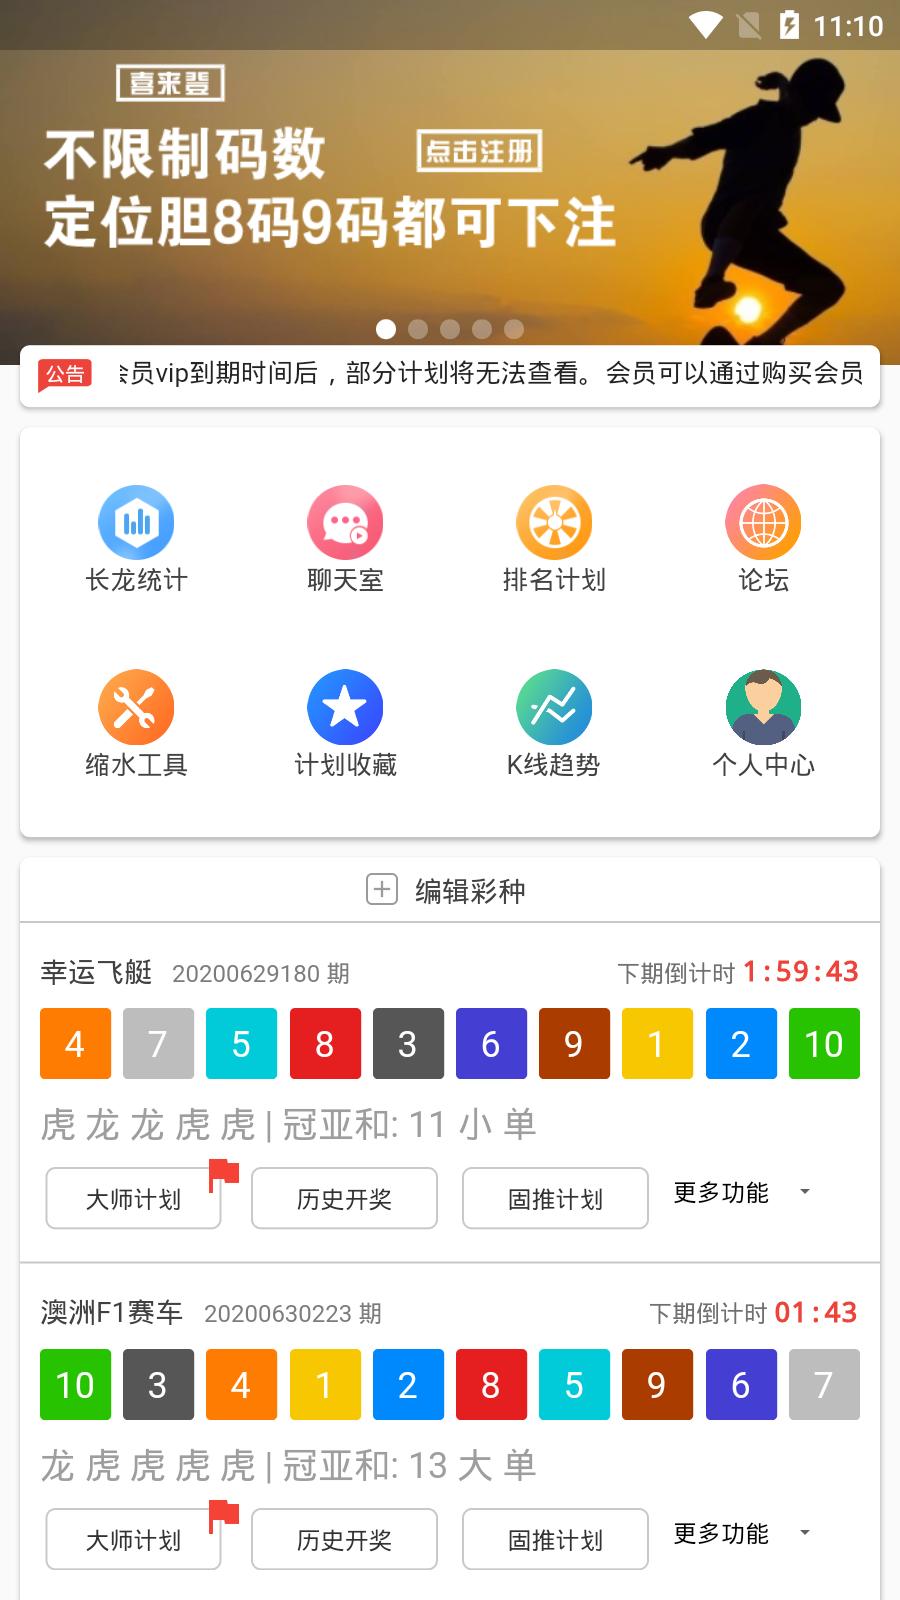 彩聊計劃官網版